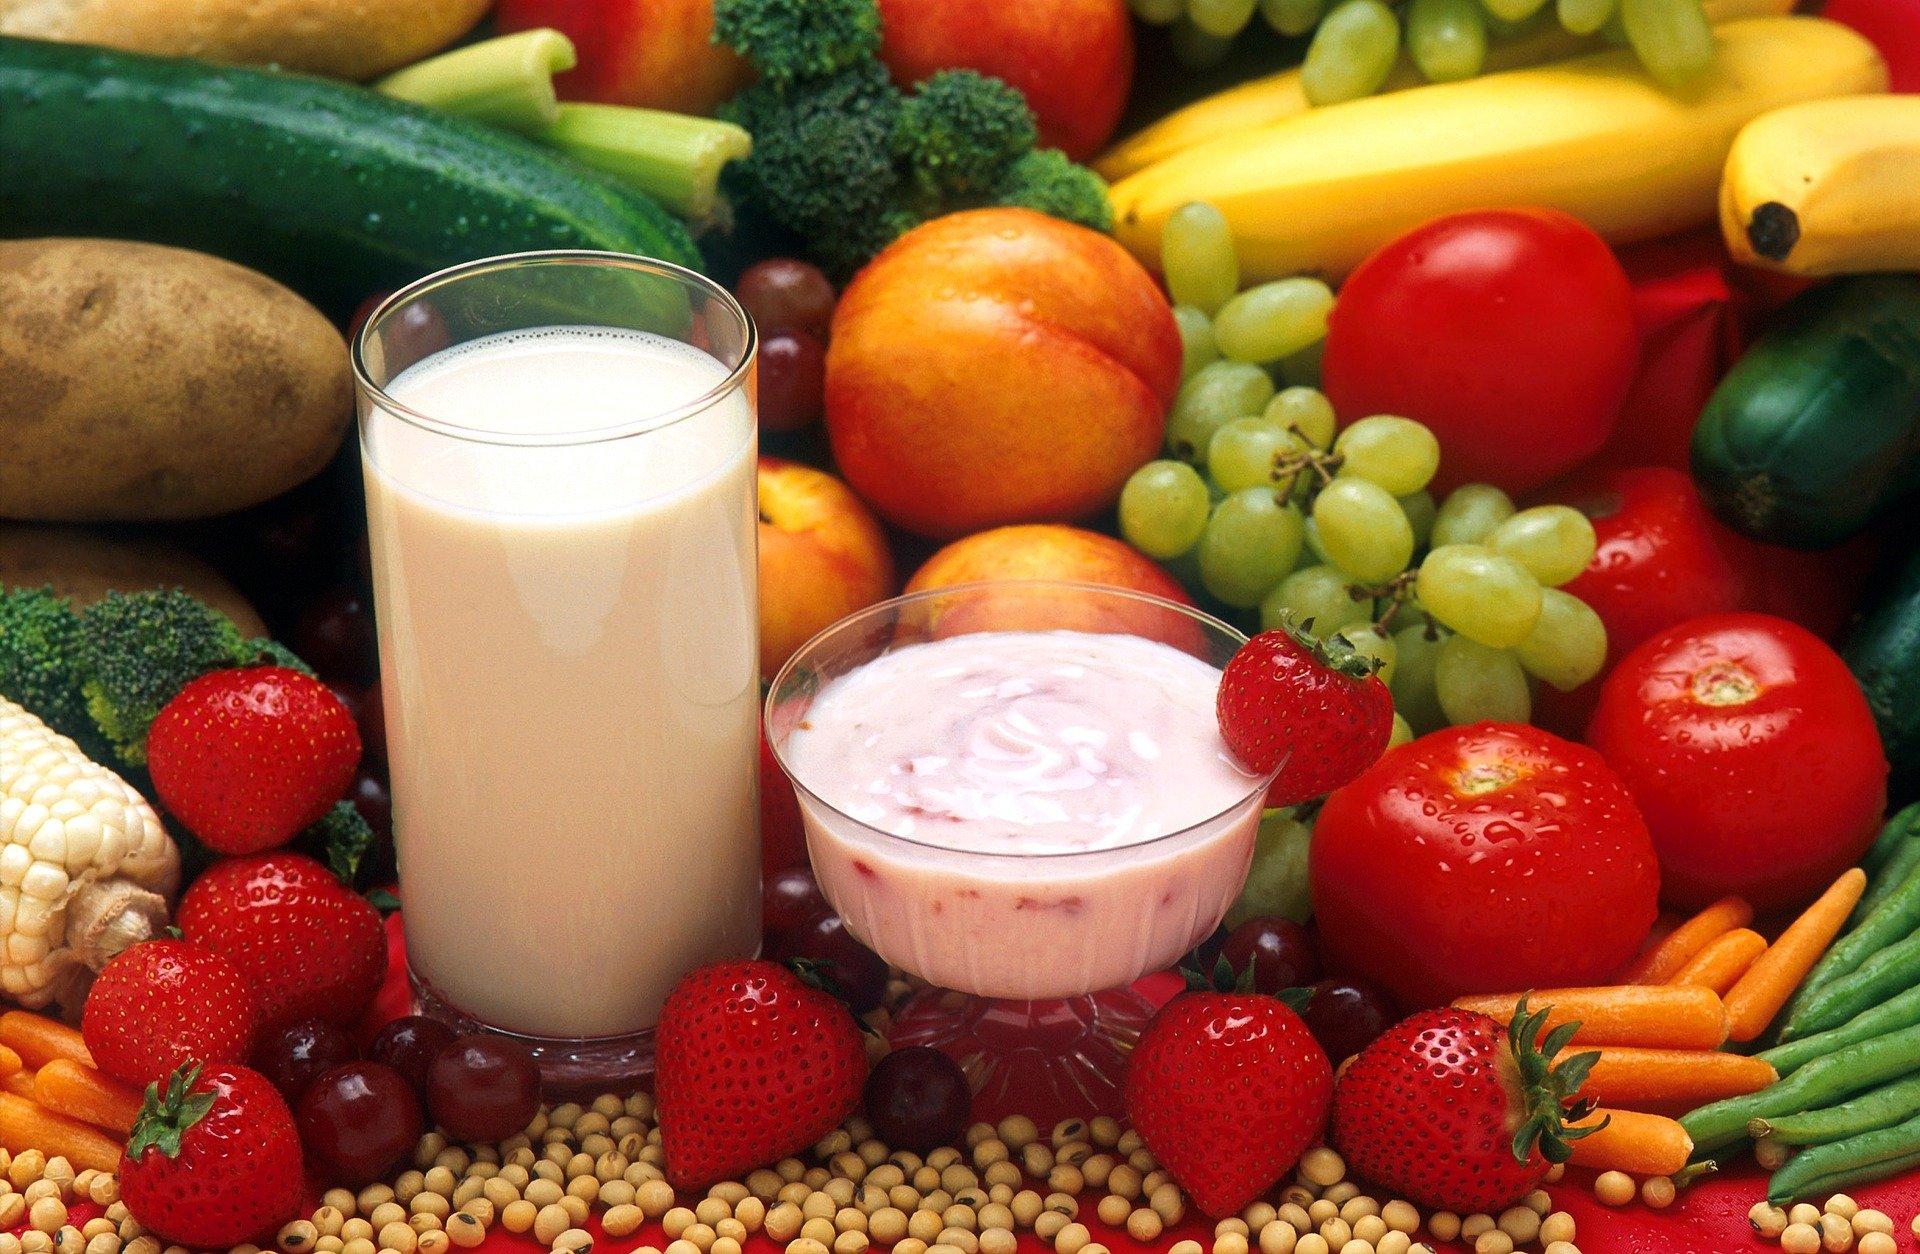 Dietética y Nutrición / Herbolarios / Herboristerías / Productos Naturales / Salud